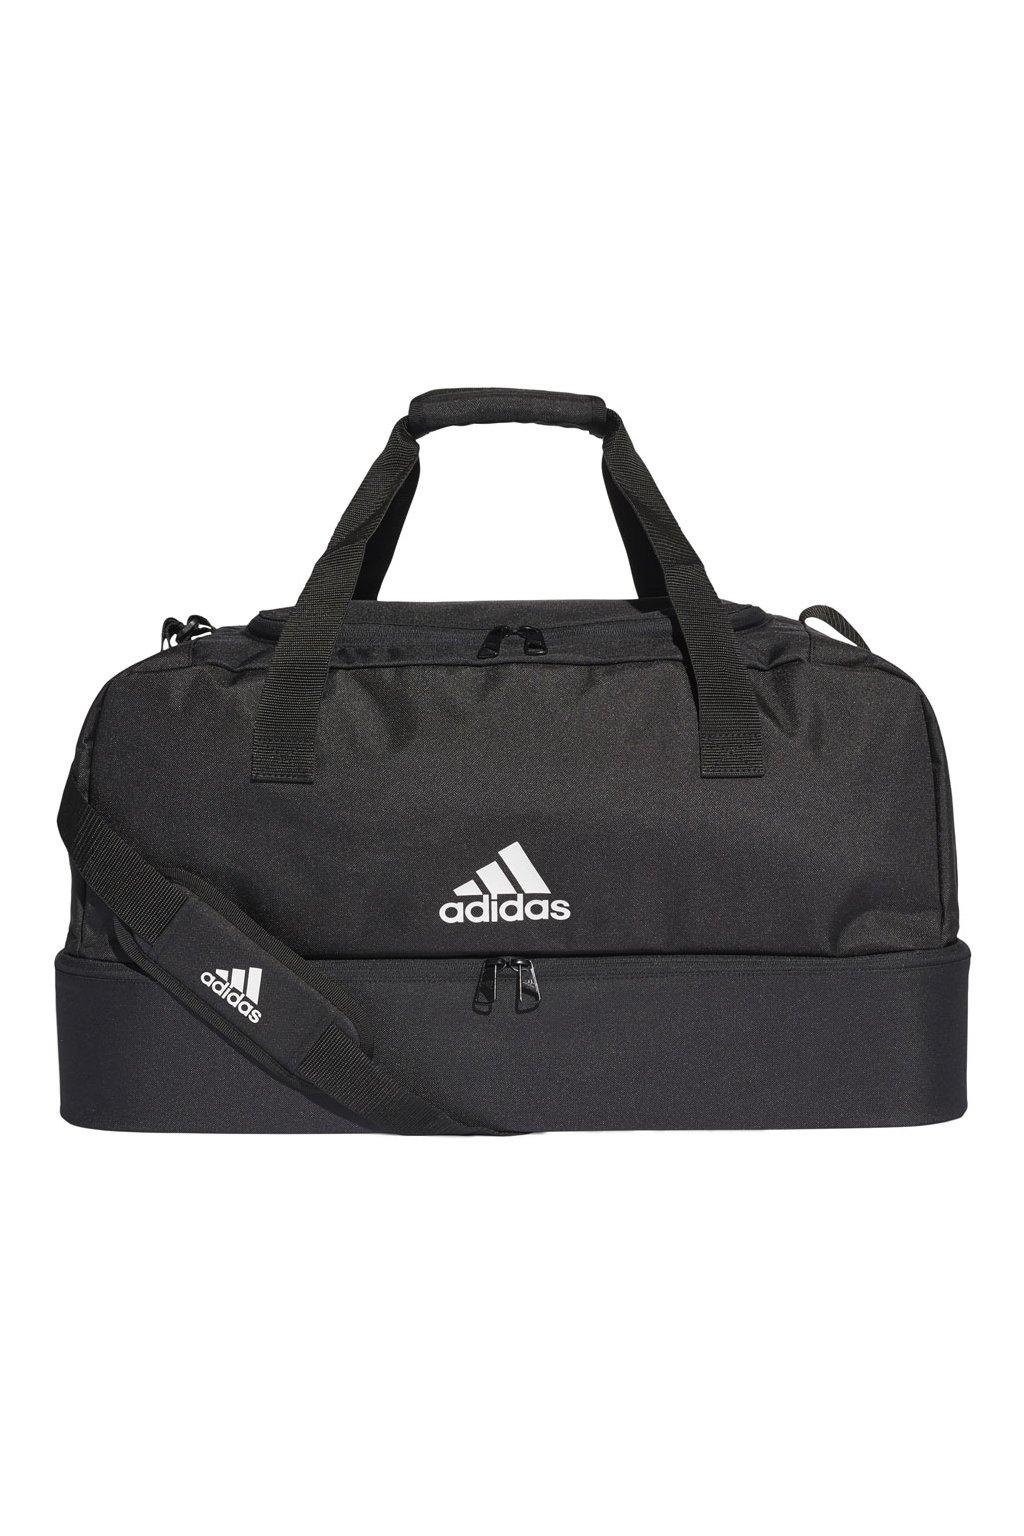 Taška Adidas Tiro Duffel BC M čierna DQ1080